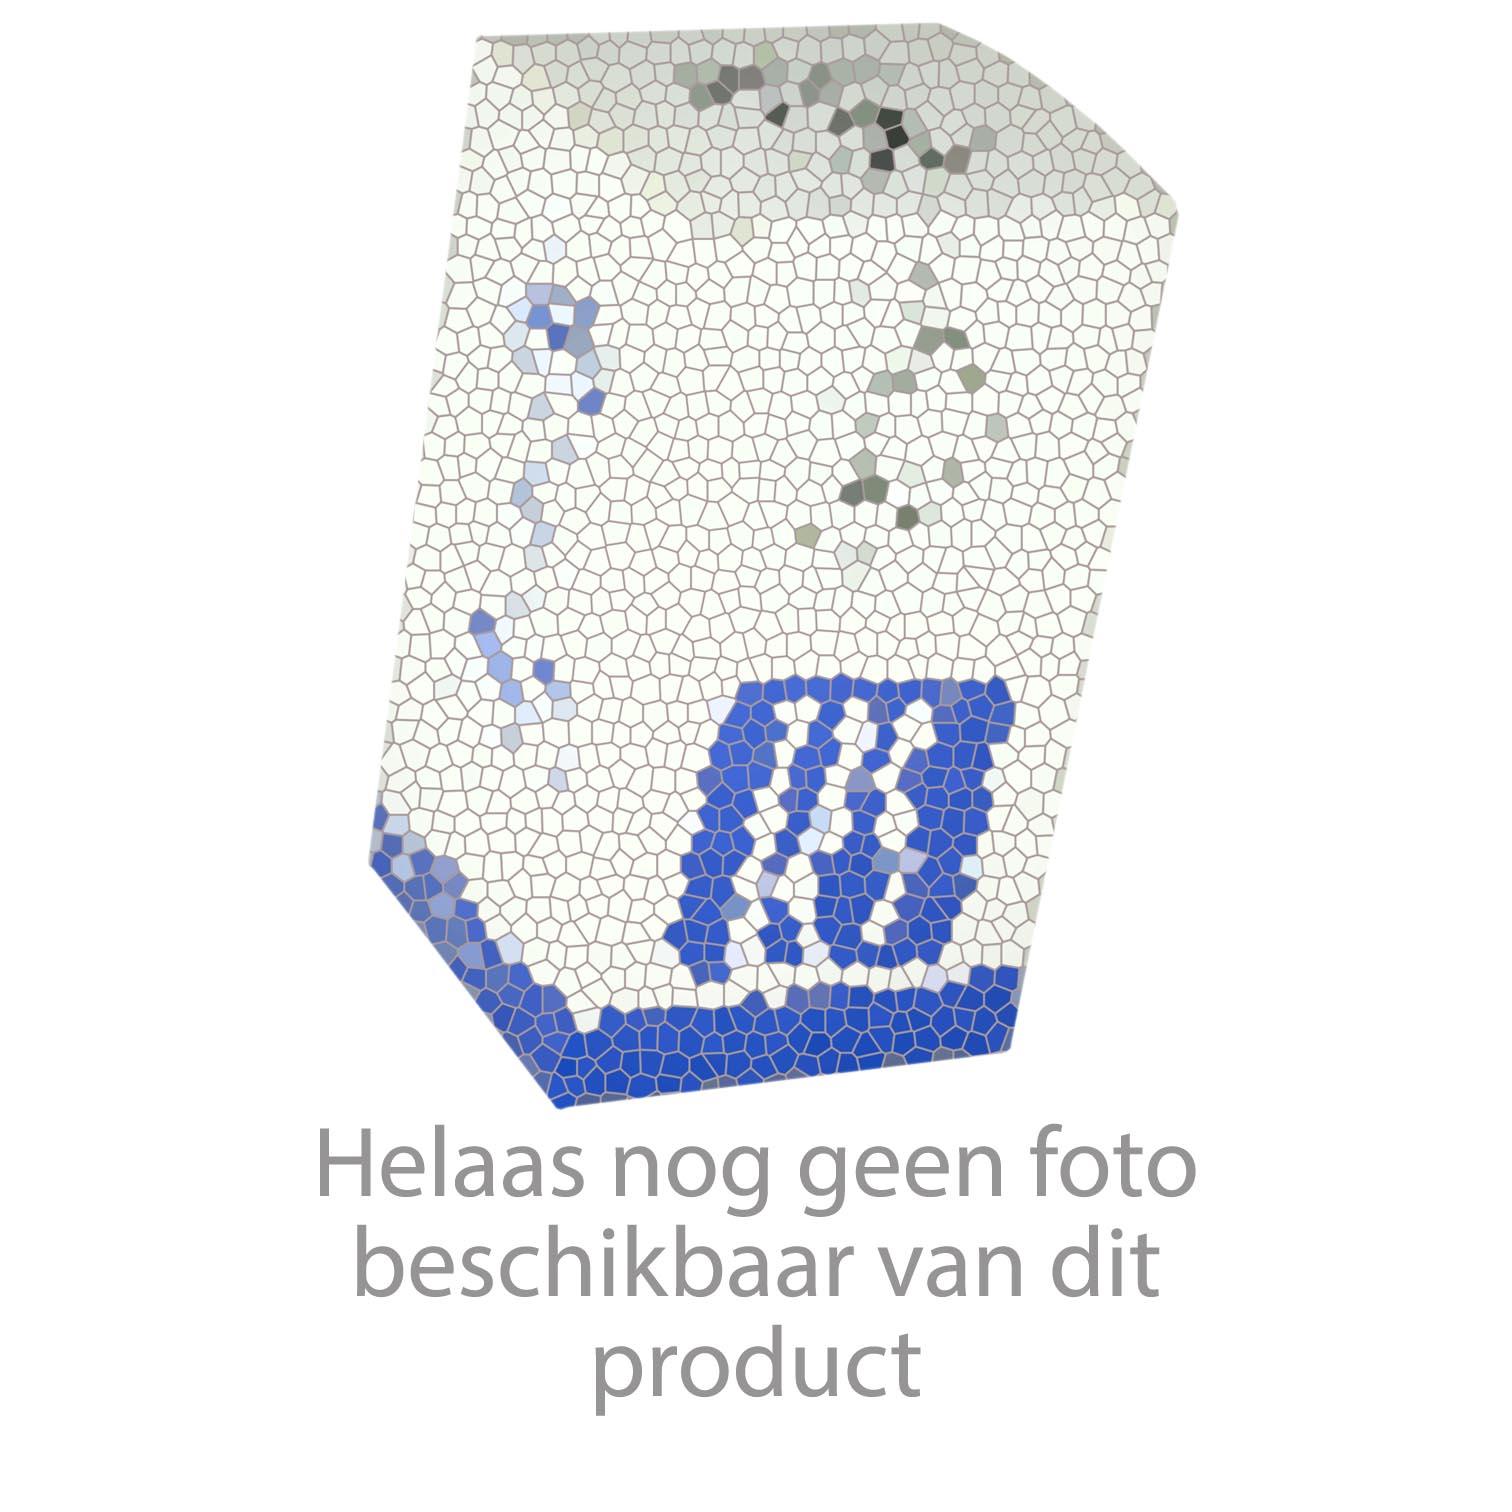 Vola Inbouwthermostaatkraan met 3-wegomstel, handdouche, regendouche en 2 zijsprays. Geborsteld RVS